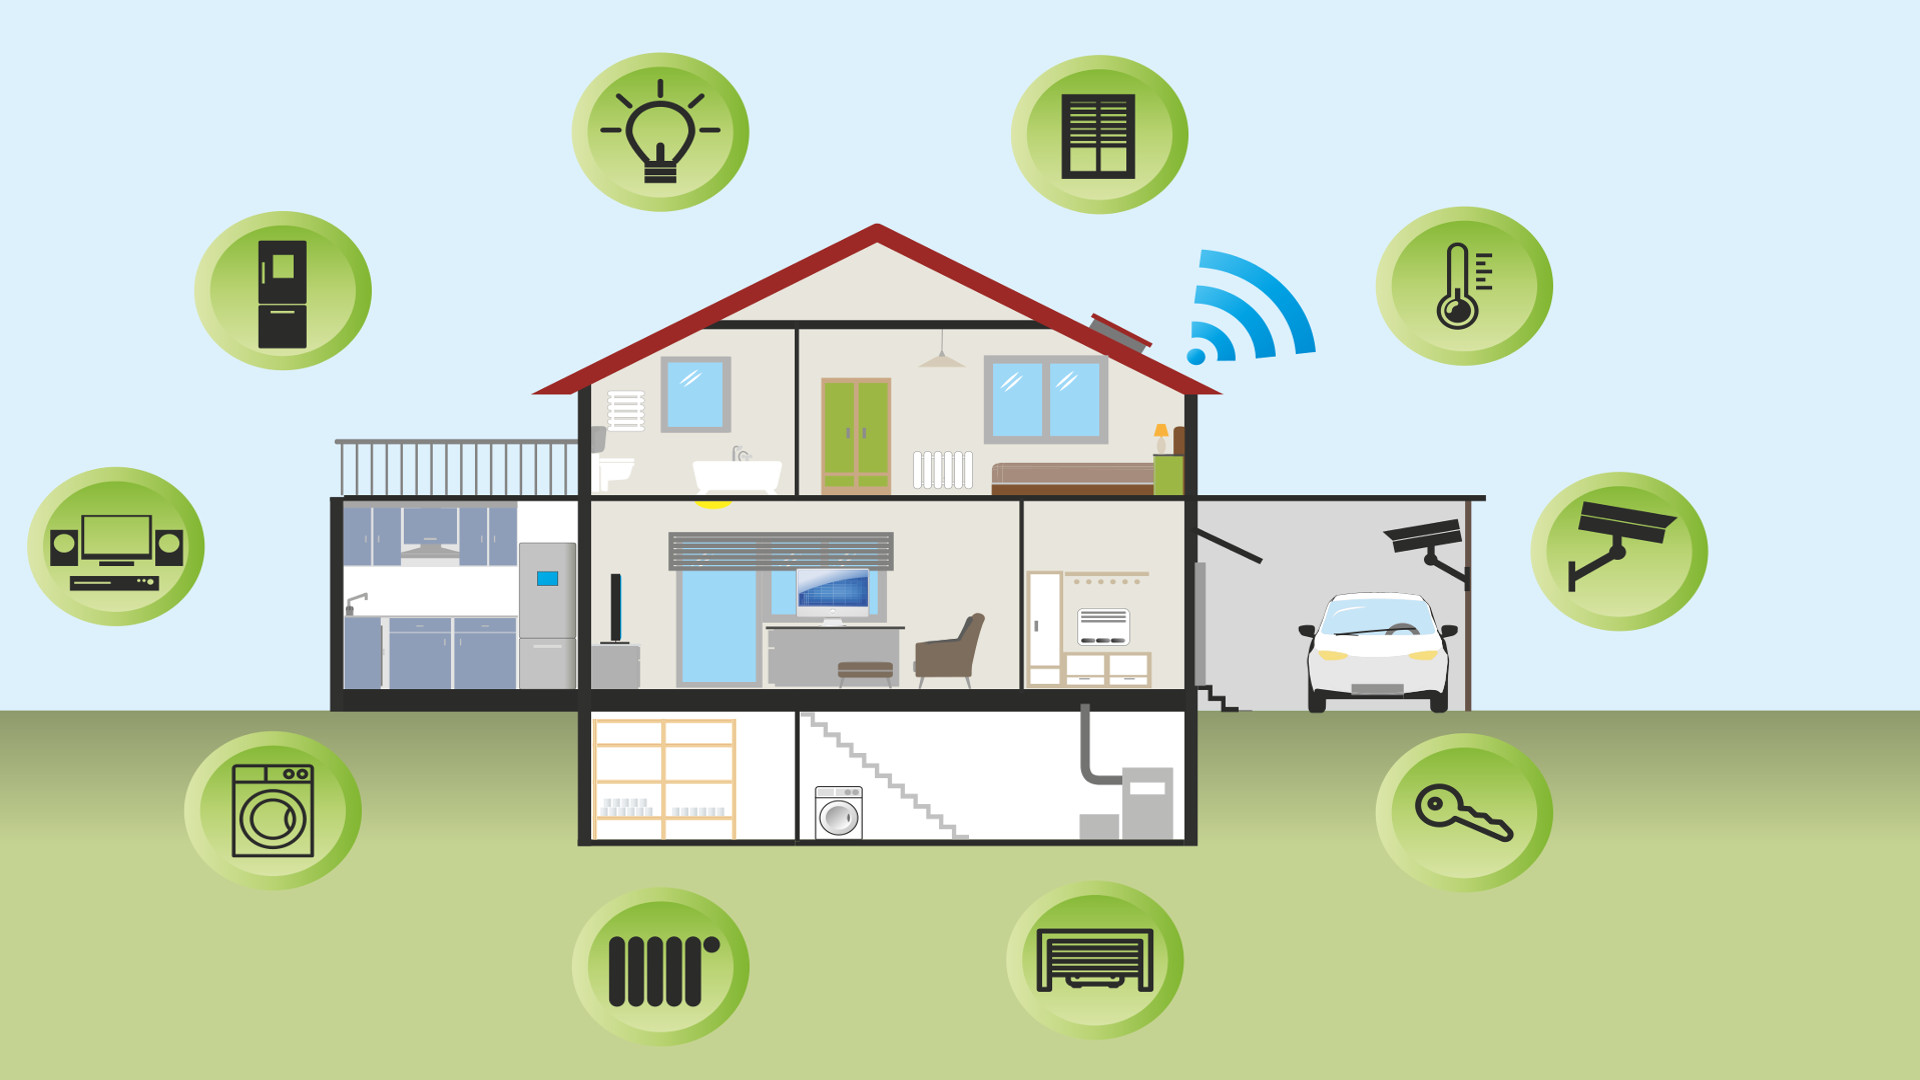 casas sanas casas inteligenes casas eficientes1920